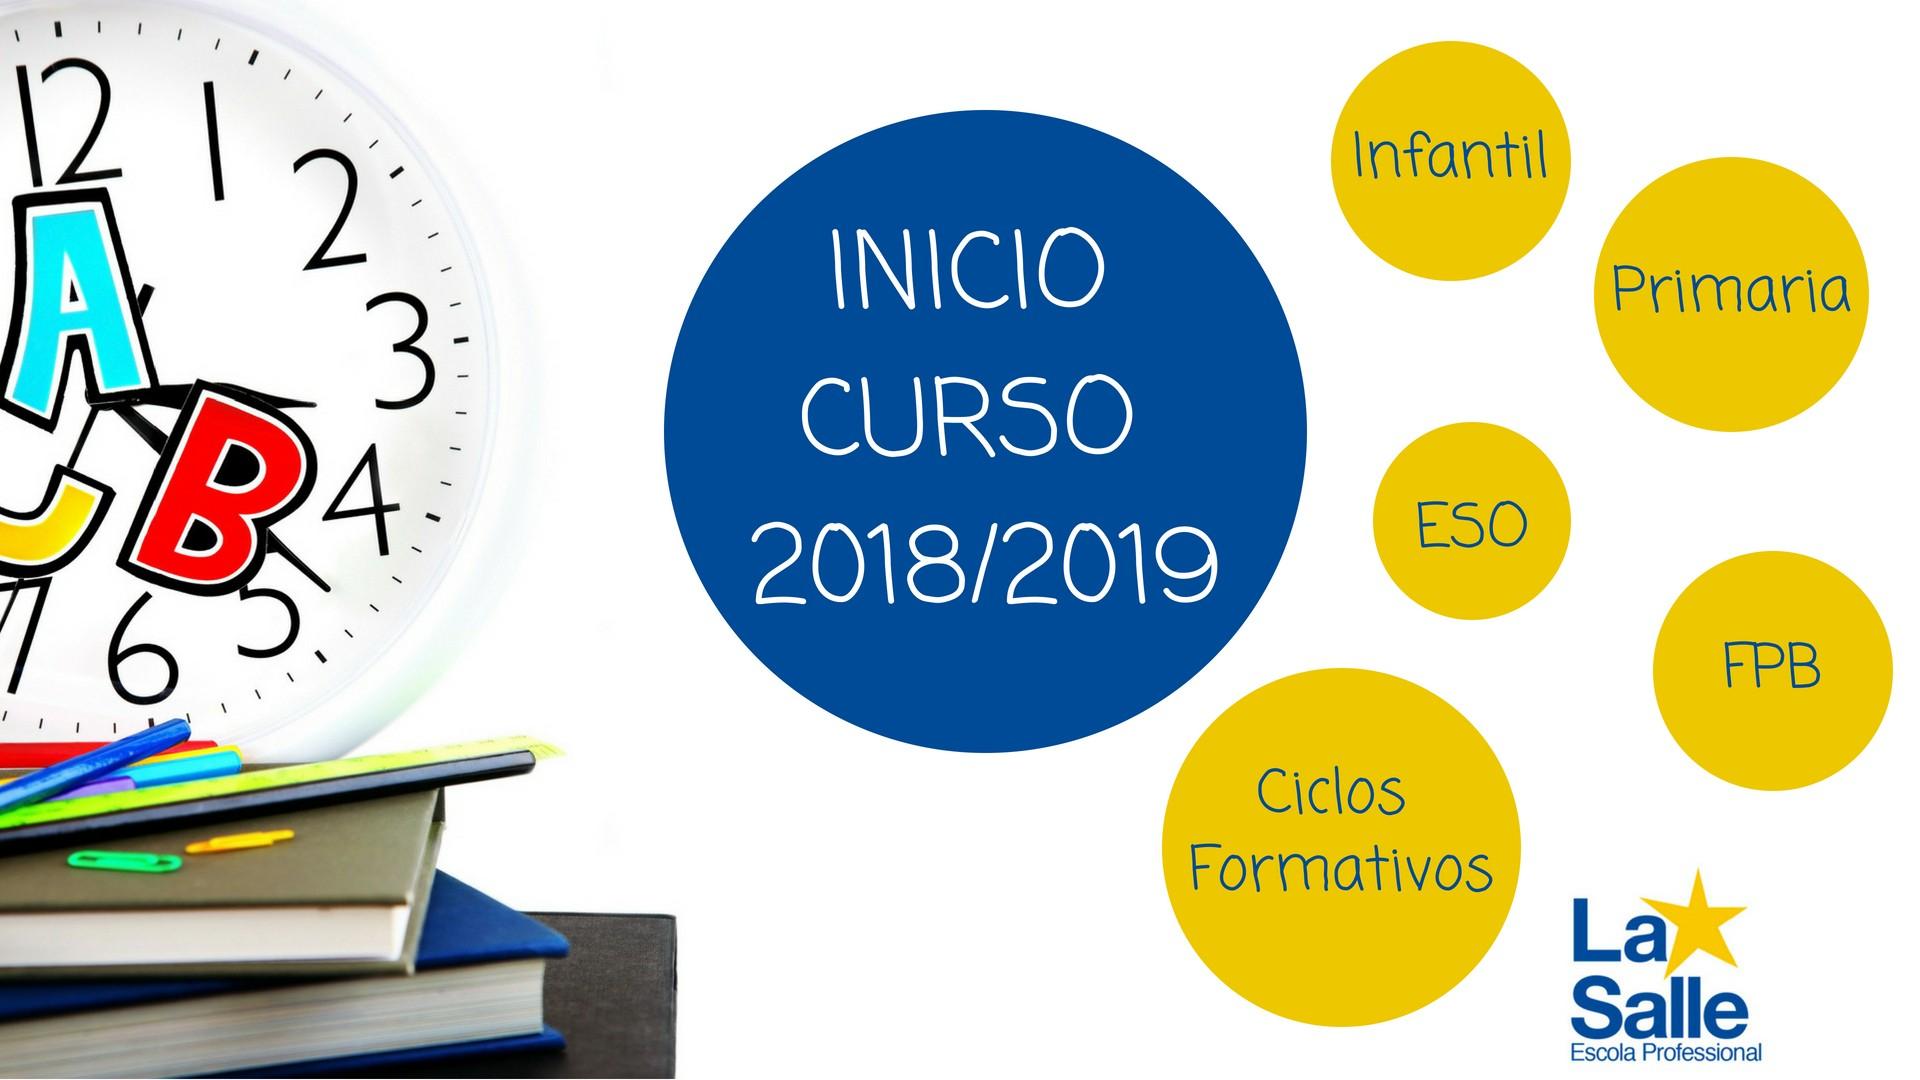 Calendario Escolar 2019 Las Palmas Más Populares Inicio Del Curso 2018 2019 Por Etapas Web Escuela Profesional La